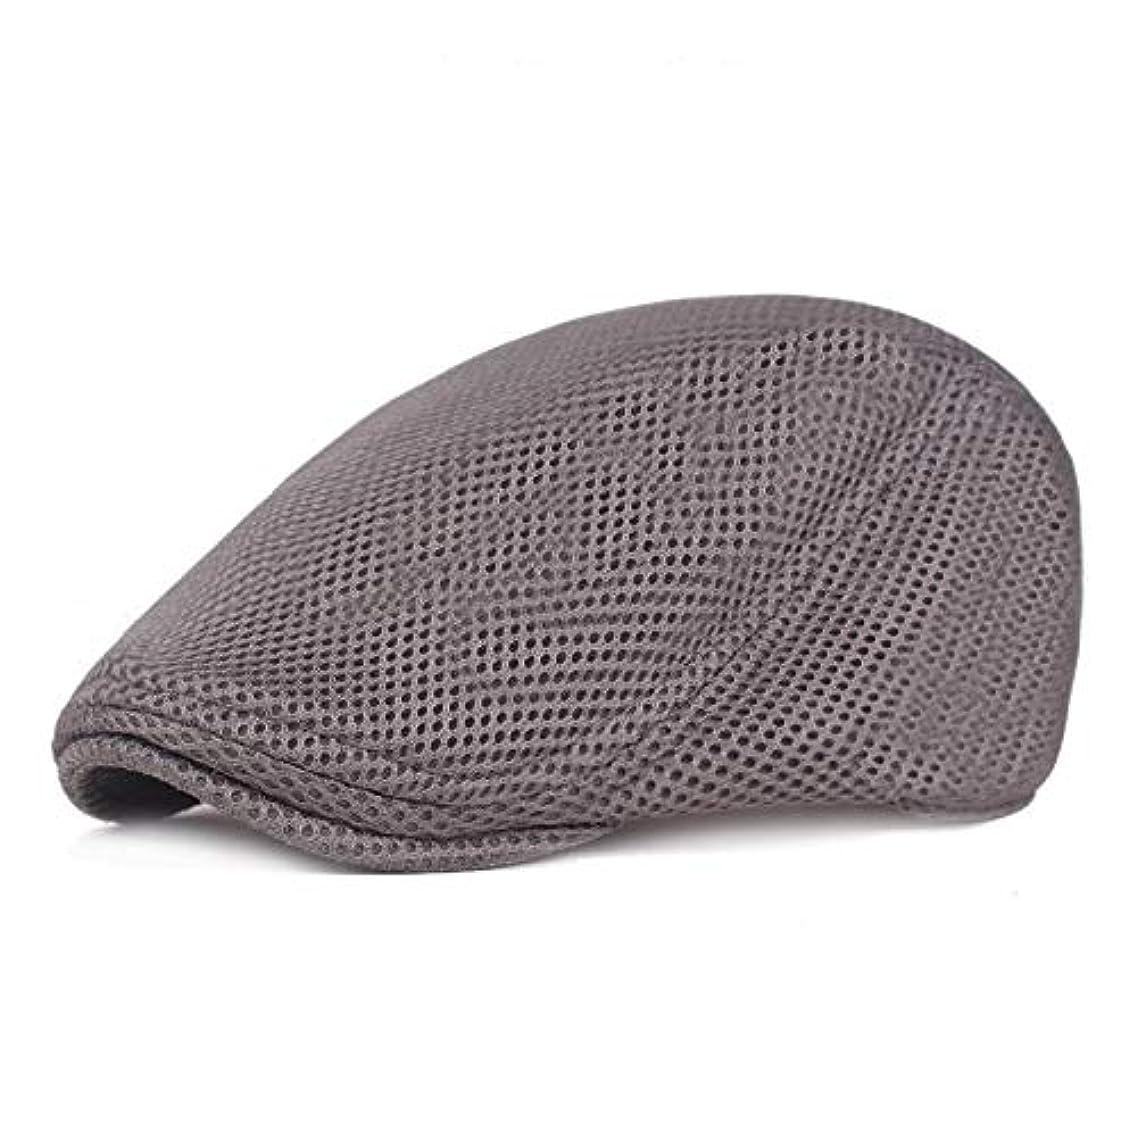 メッシュ ハンチング キャップ 夏用 綿 ベレー帽 調整可能ワークキャップ アウトドアキャップ 男女兼用